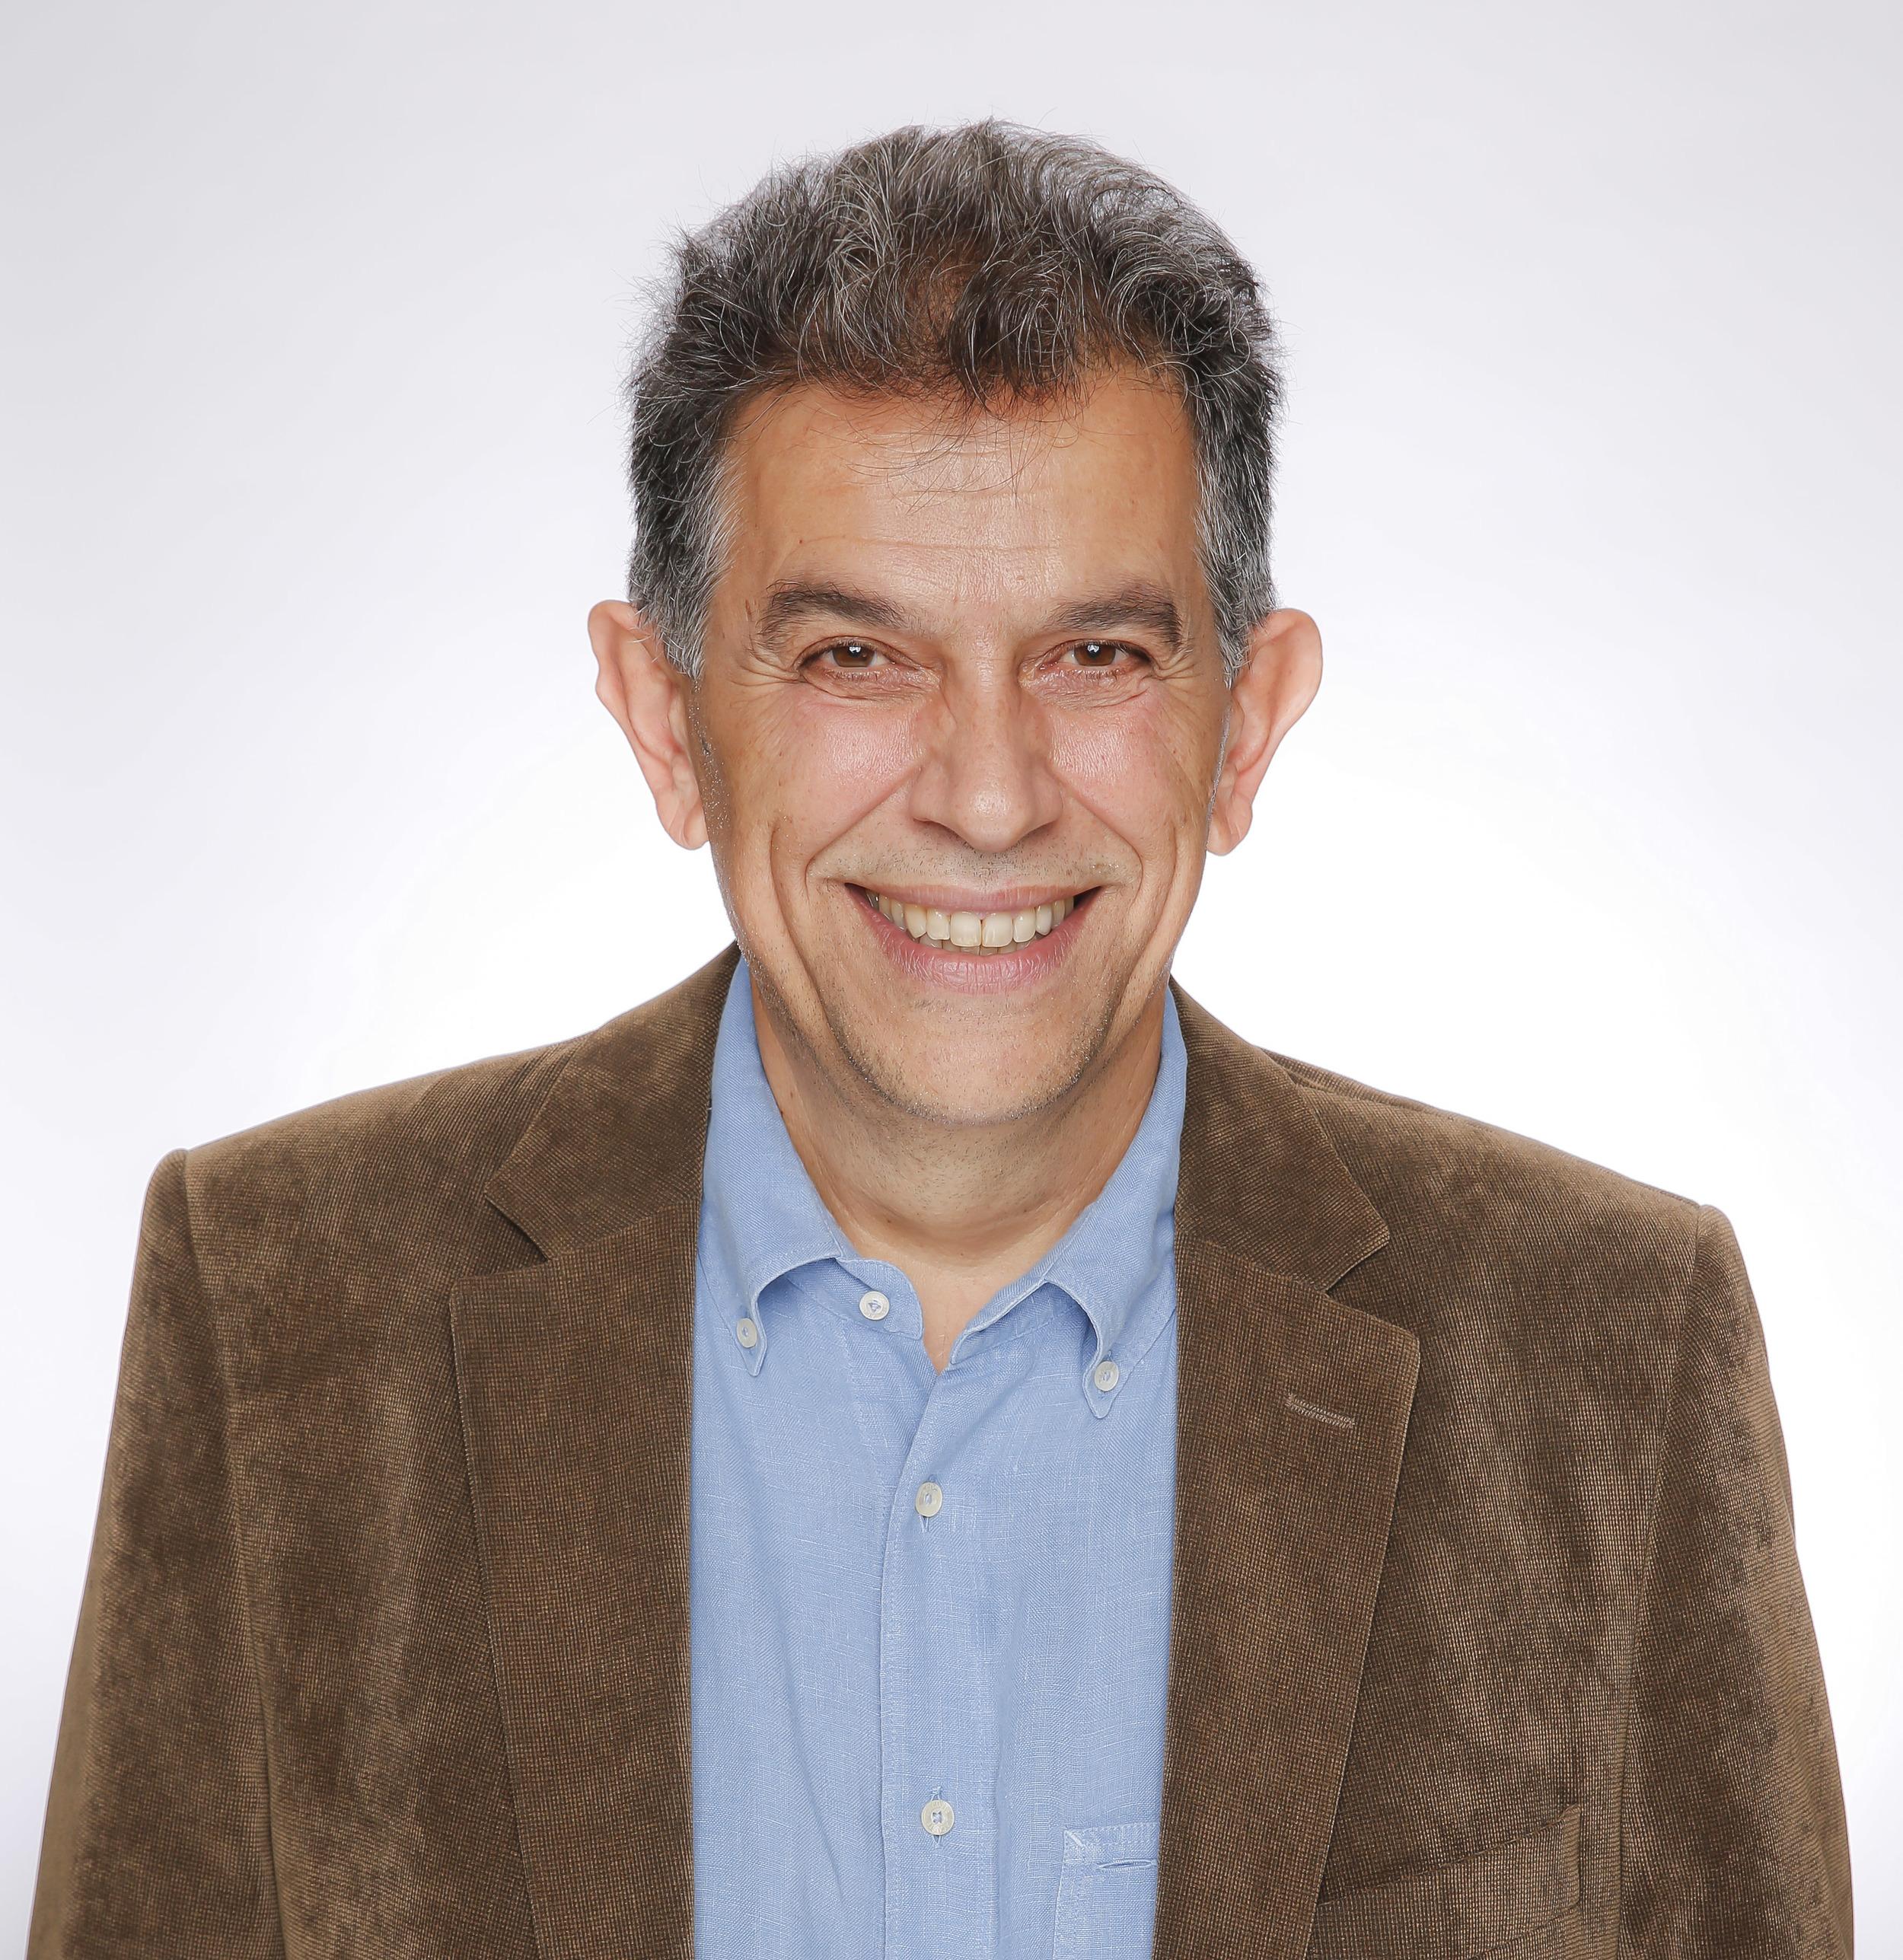 Professor Theodore Tolias